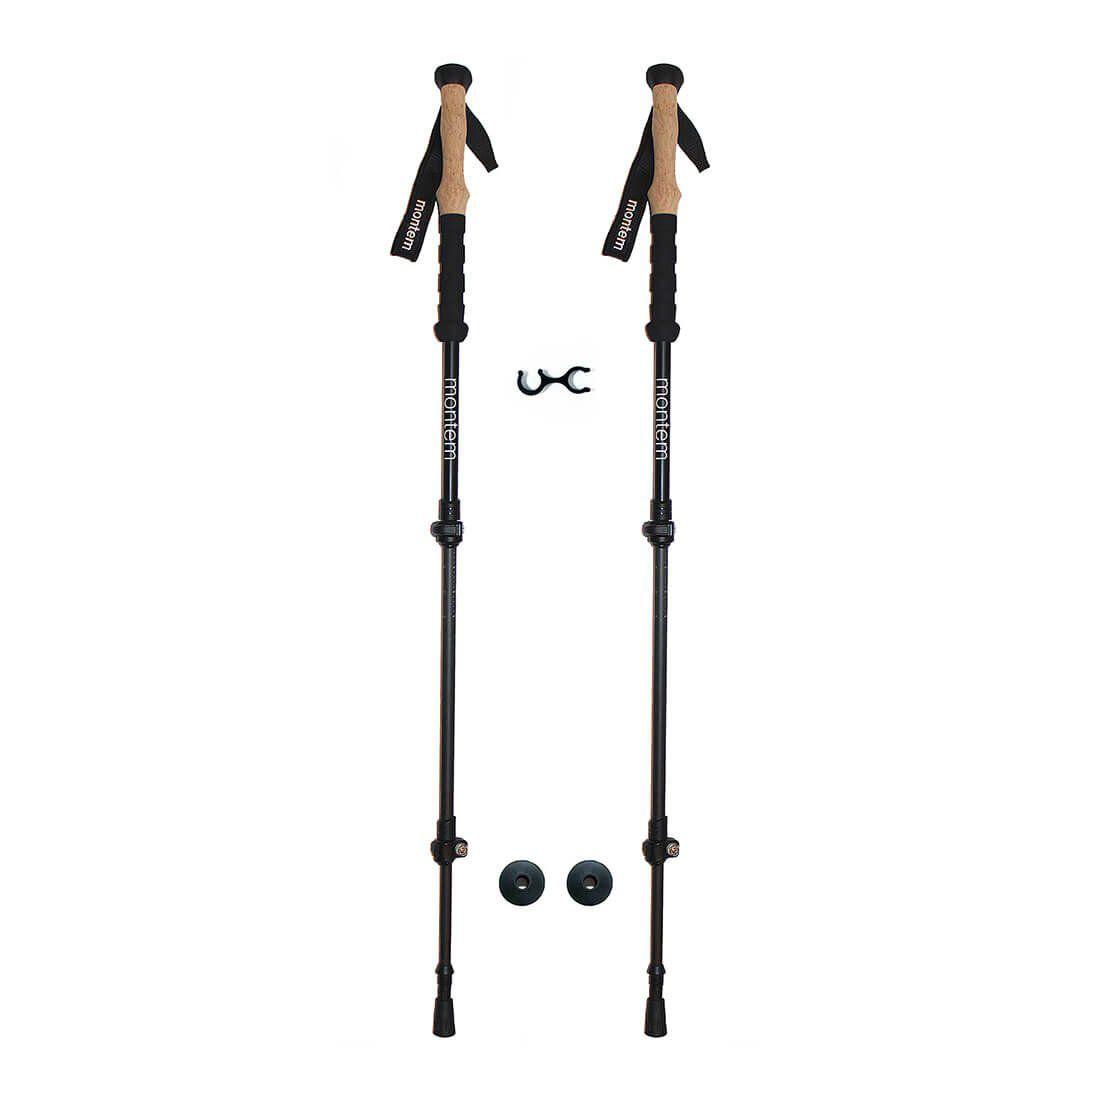 Montem Ultra Strong Hiking / Walking / Trekking Poles - One Pair